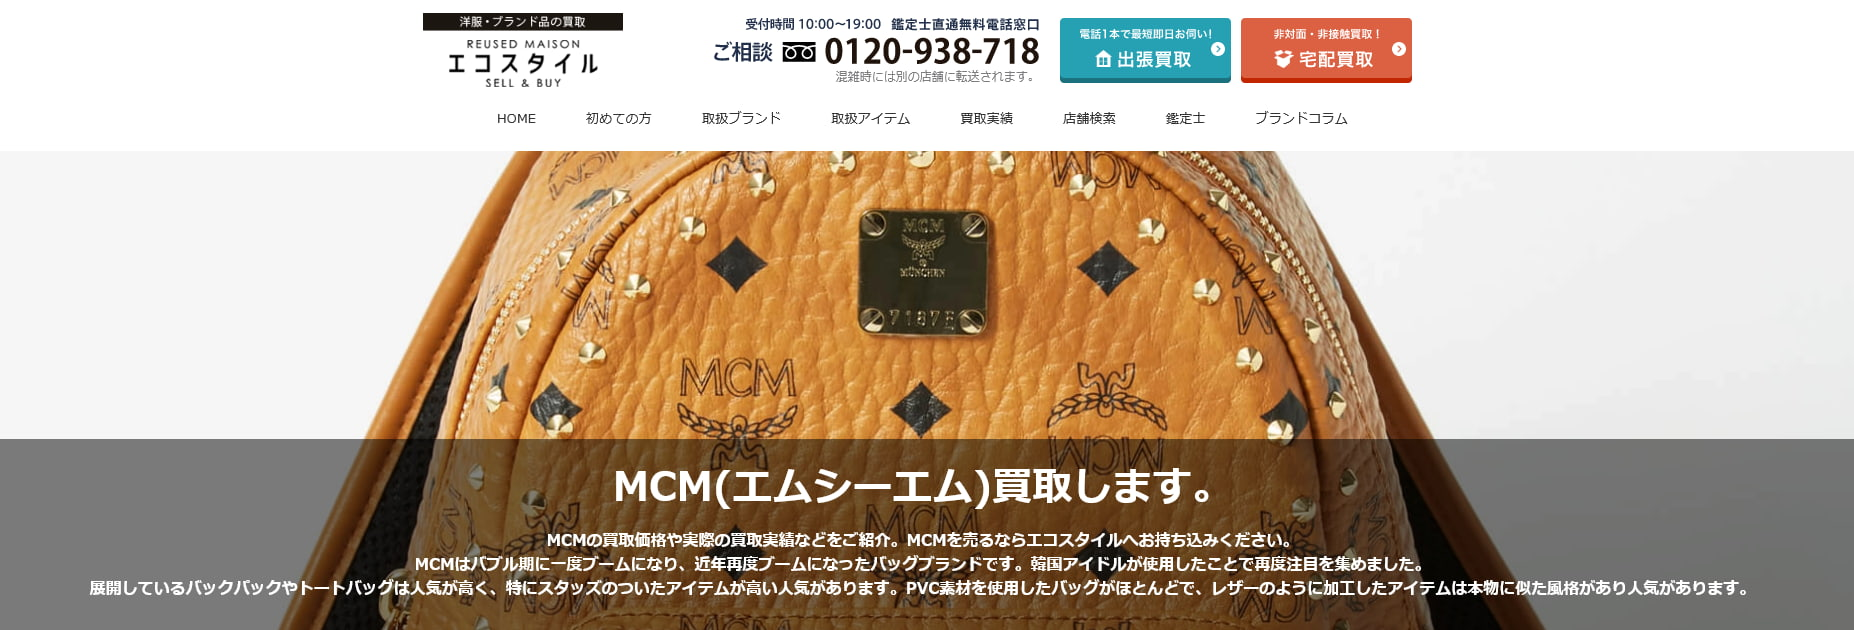 MCMのおすすめ買取店エコスタイル